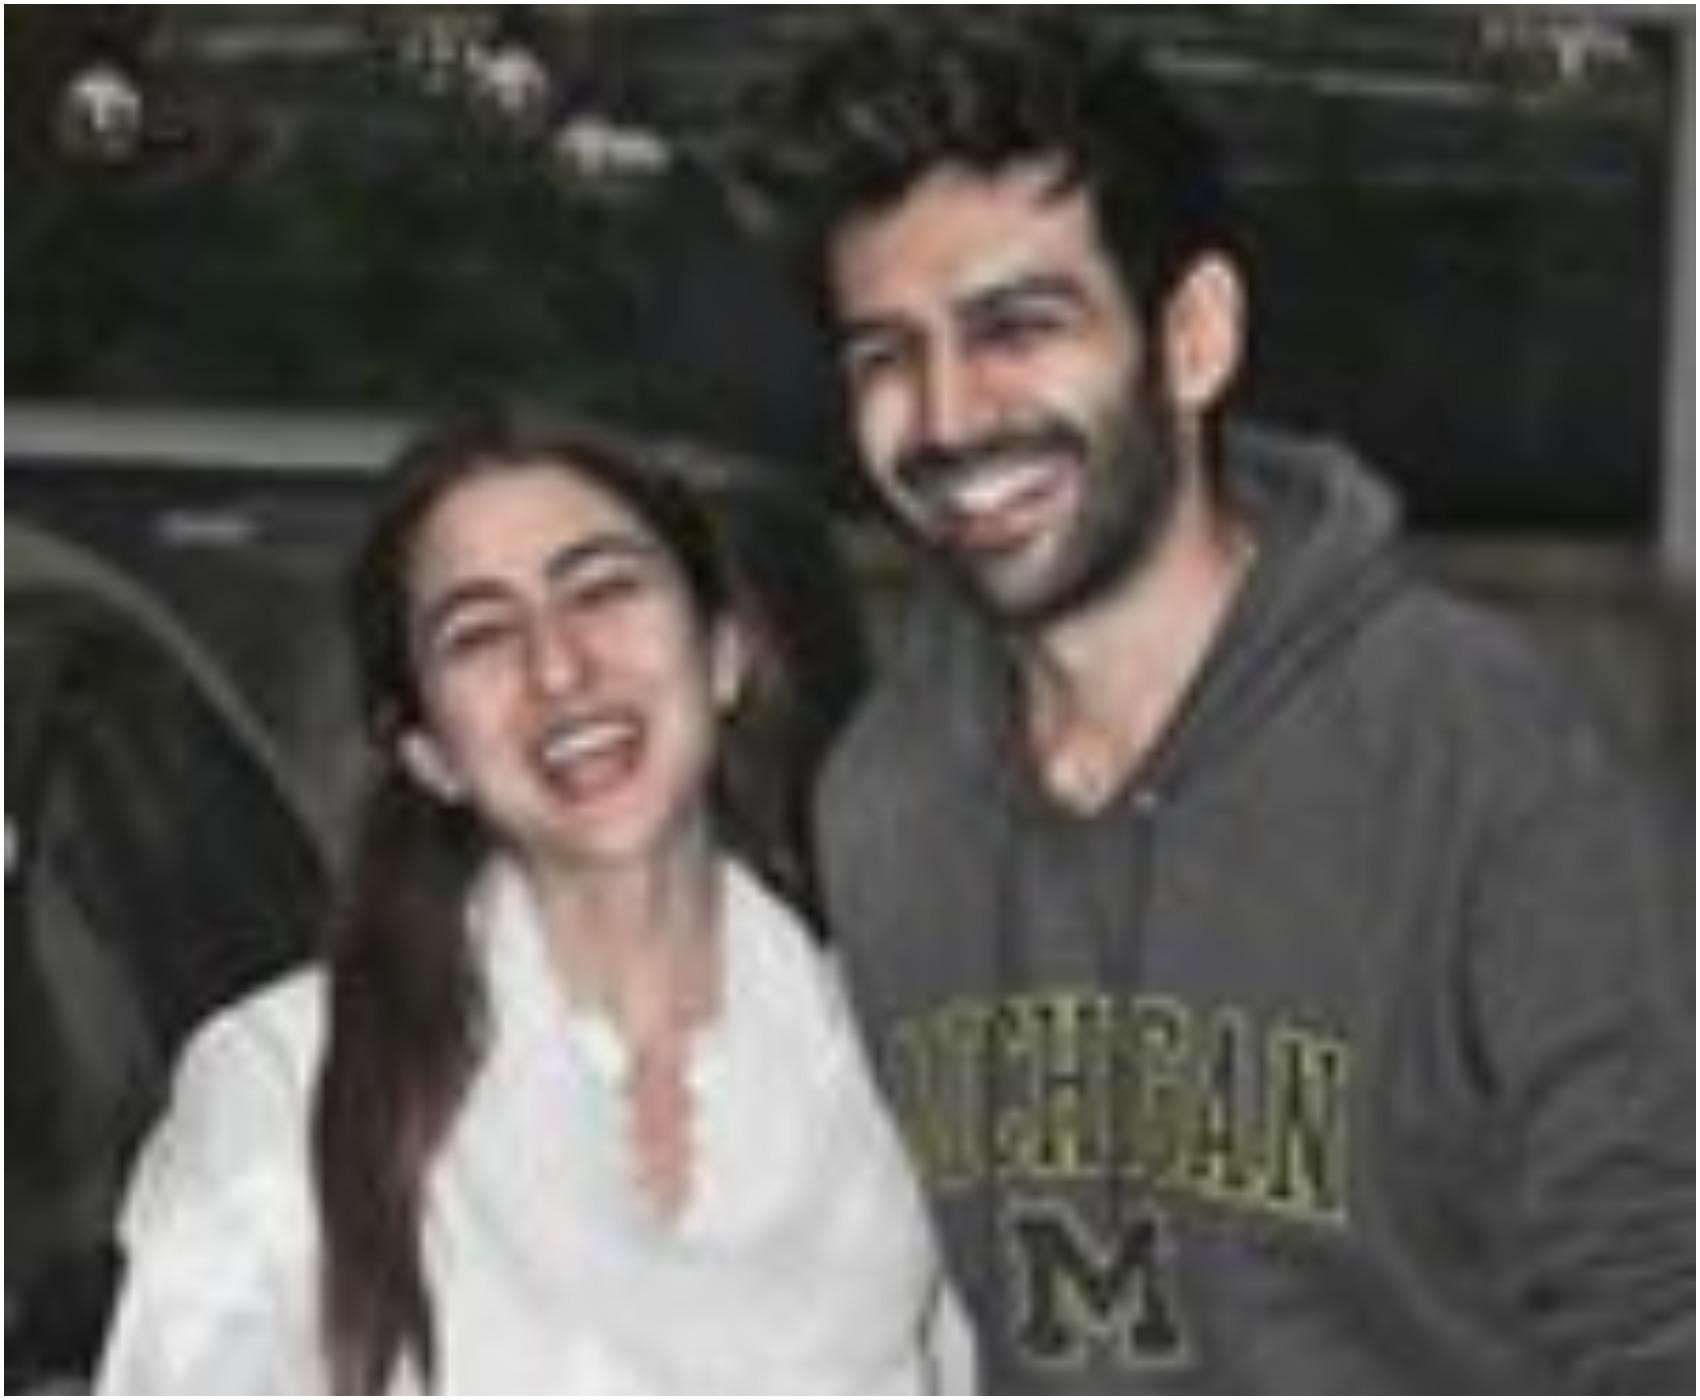 कार्तिक आर्यन और सारा अली खान एक बार फिर साथ आए नजर, वजह रिपोर्ट में पढ़े :